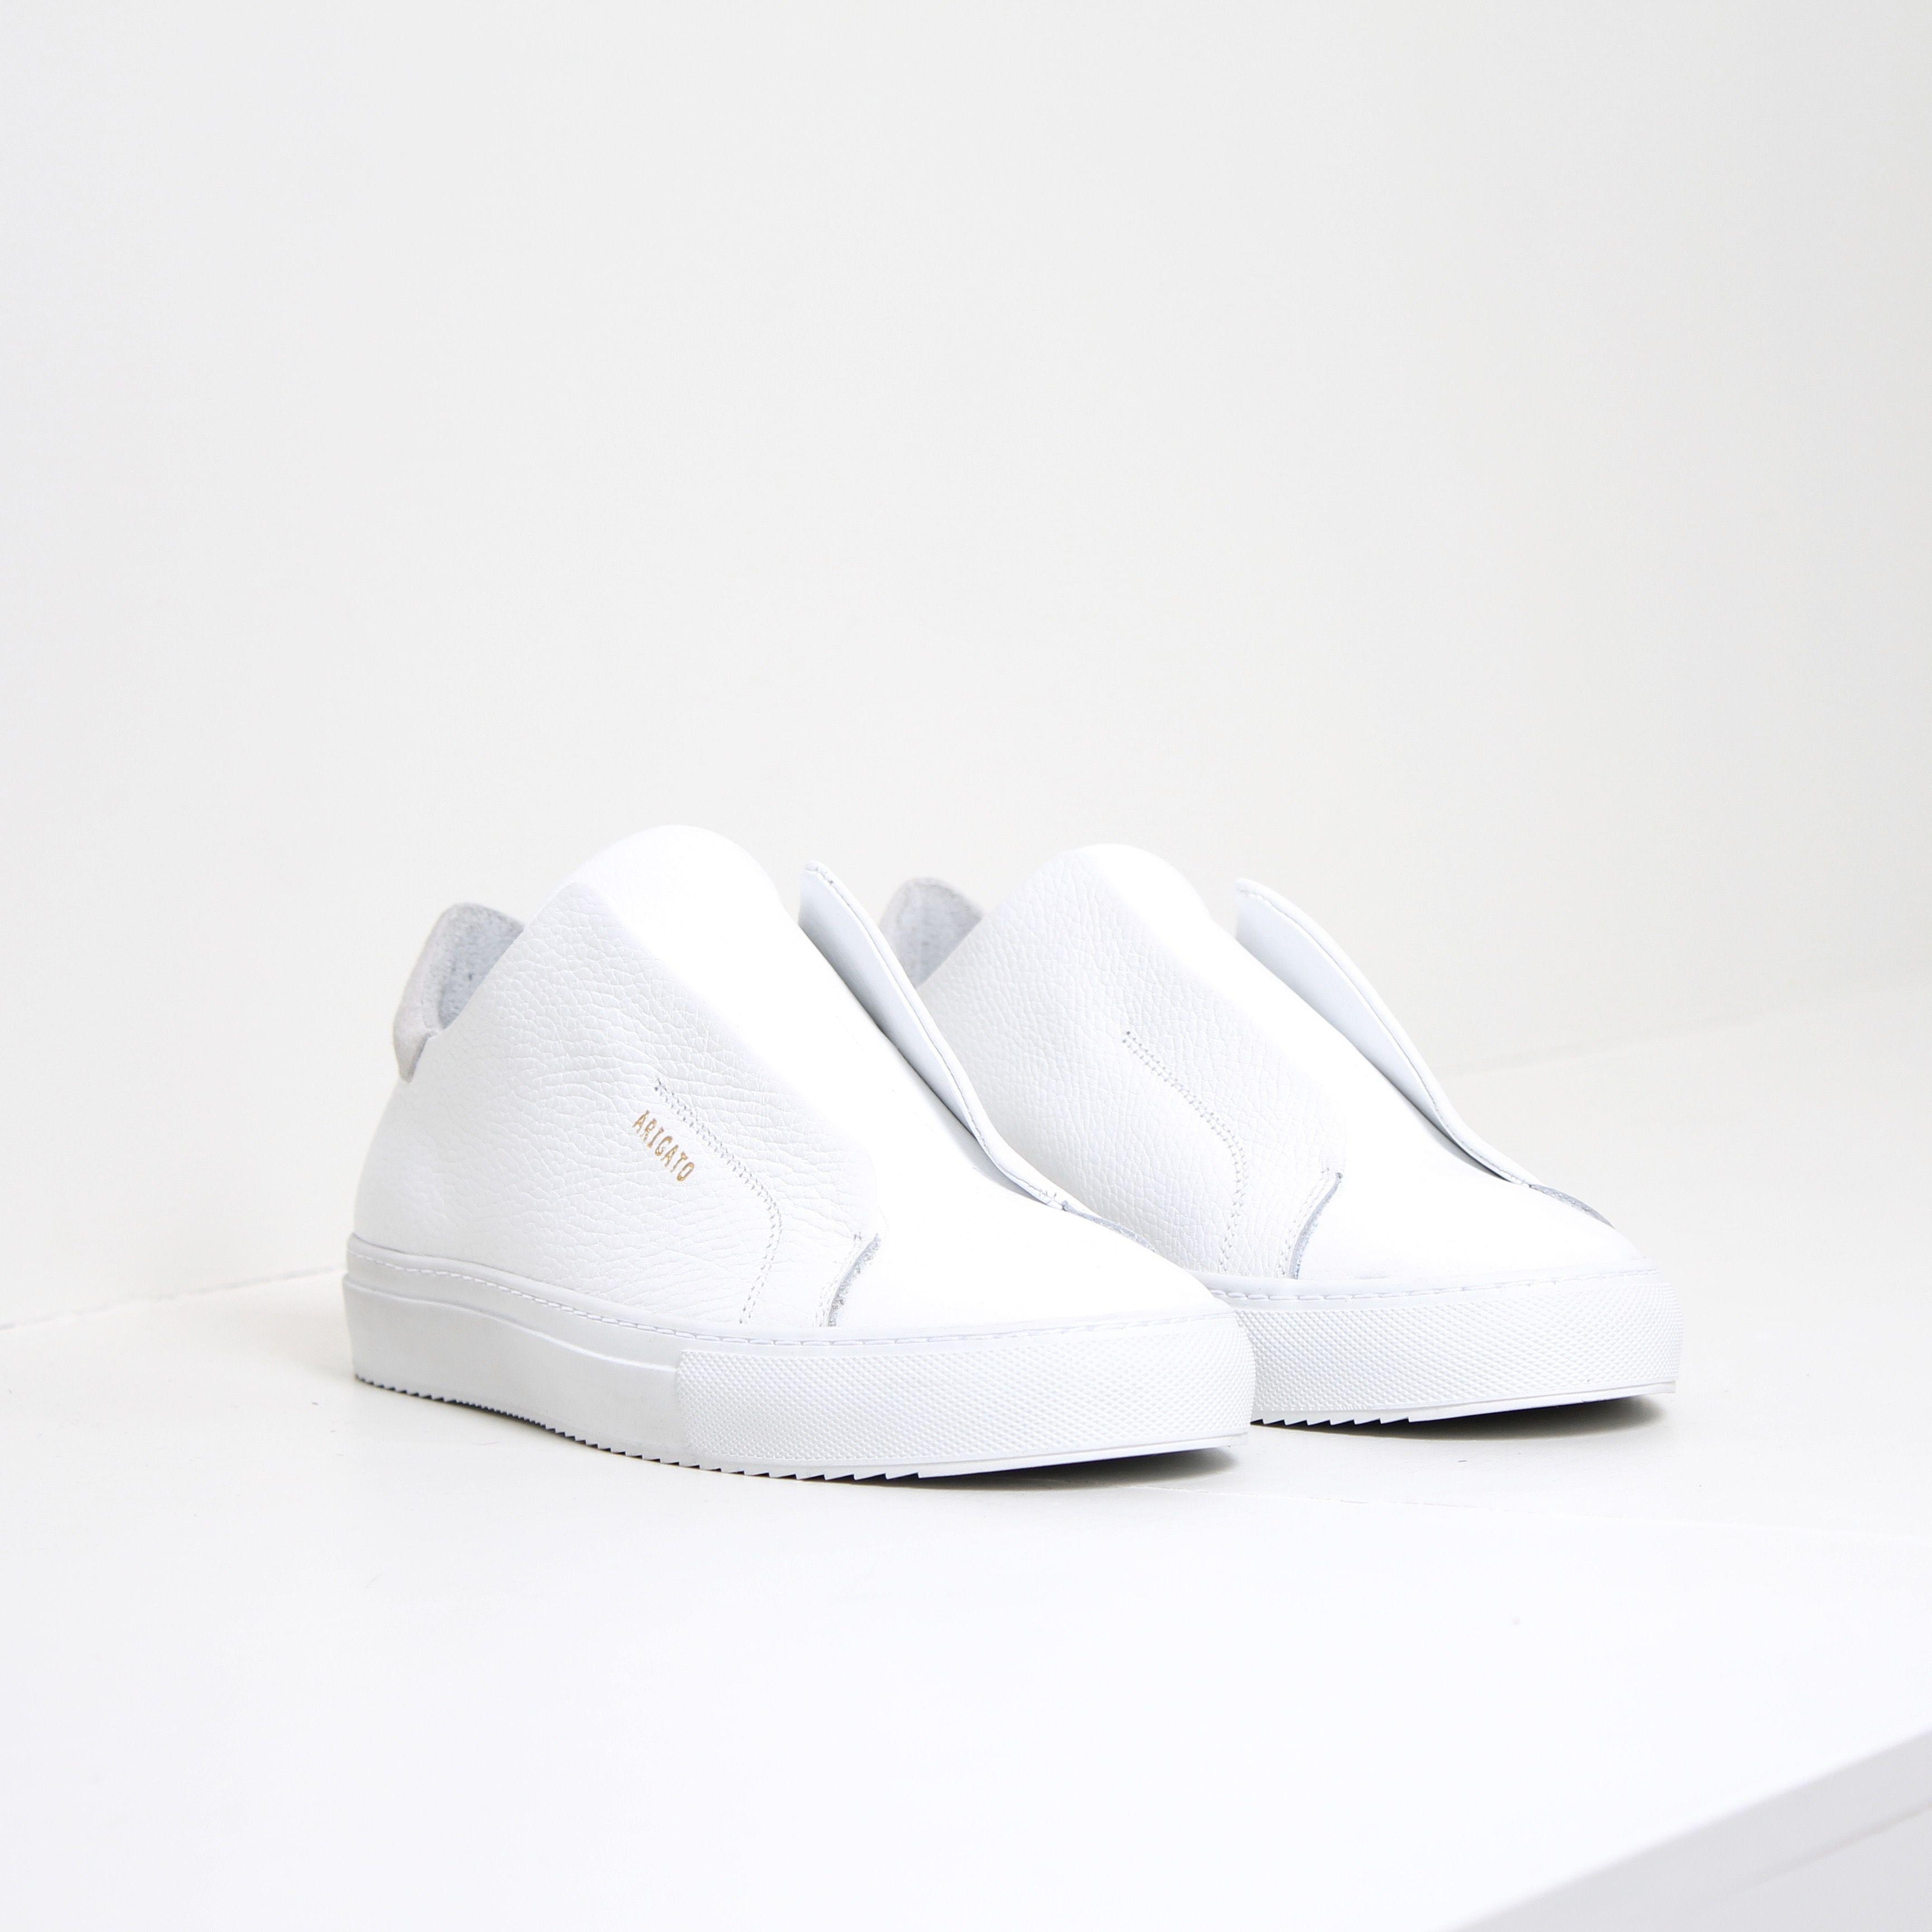 c2a9ace645 Axel Arigato Laceless Clean 90 sneaker  axelarigato Shop online   https   axelarigato